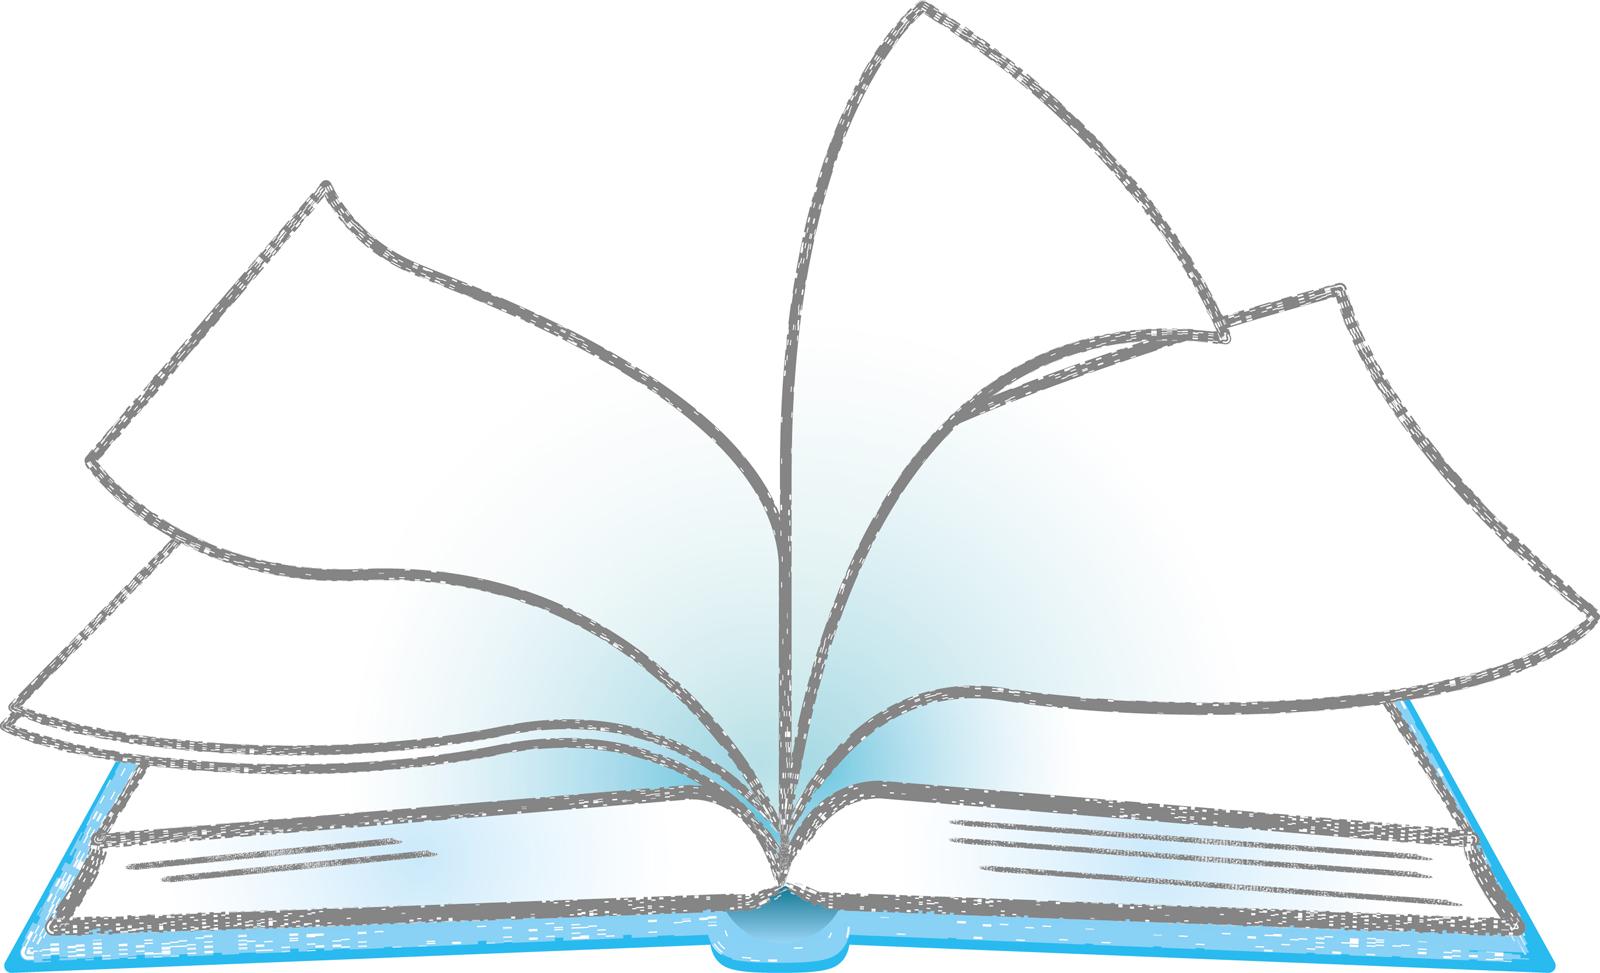 絶賛販売中!Webライターの教科書「Webライターノオト」シリーズを購入したい方へ!